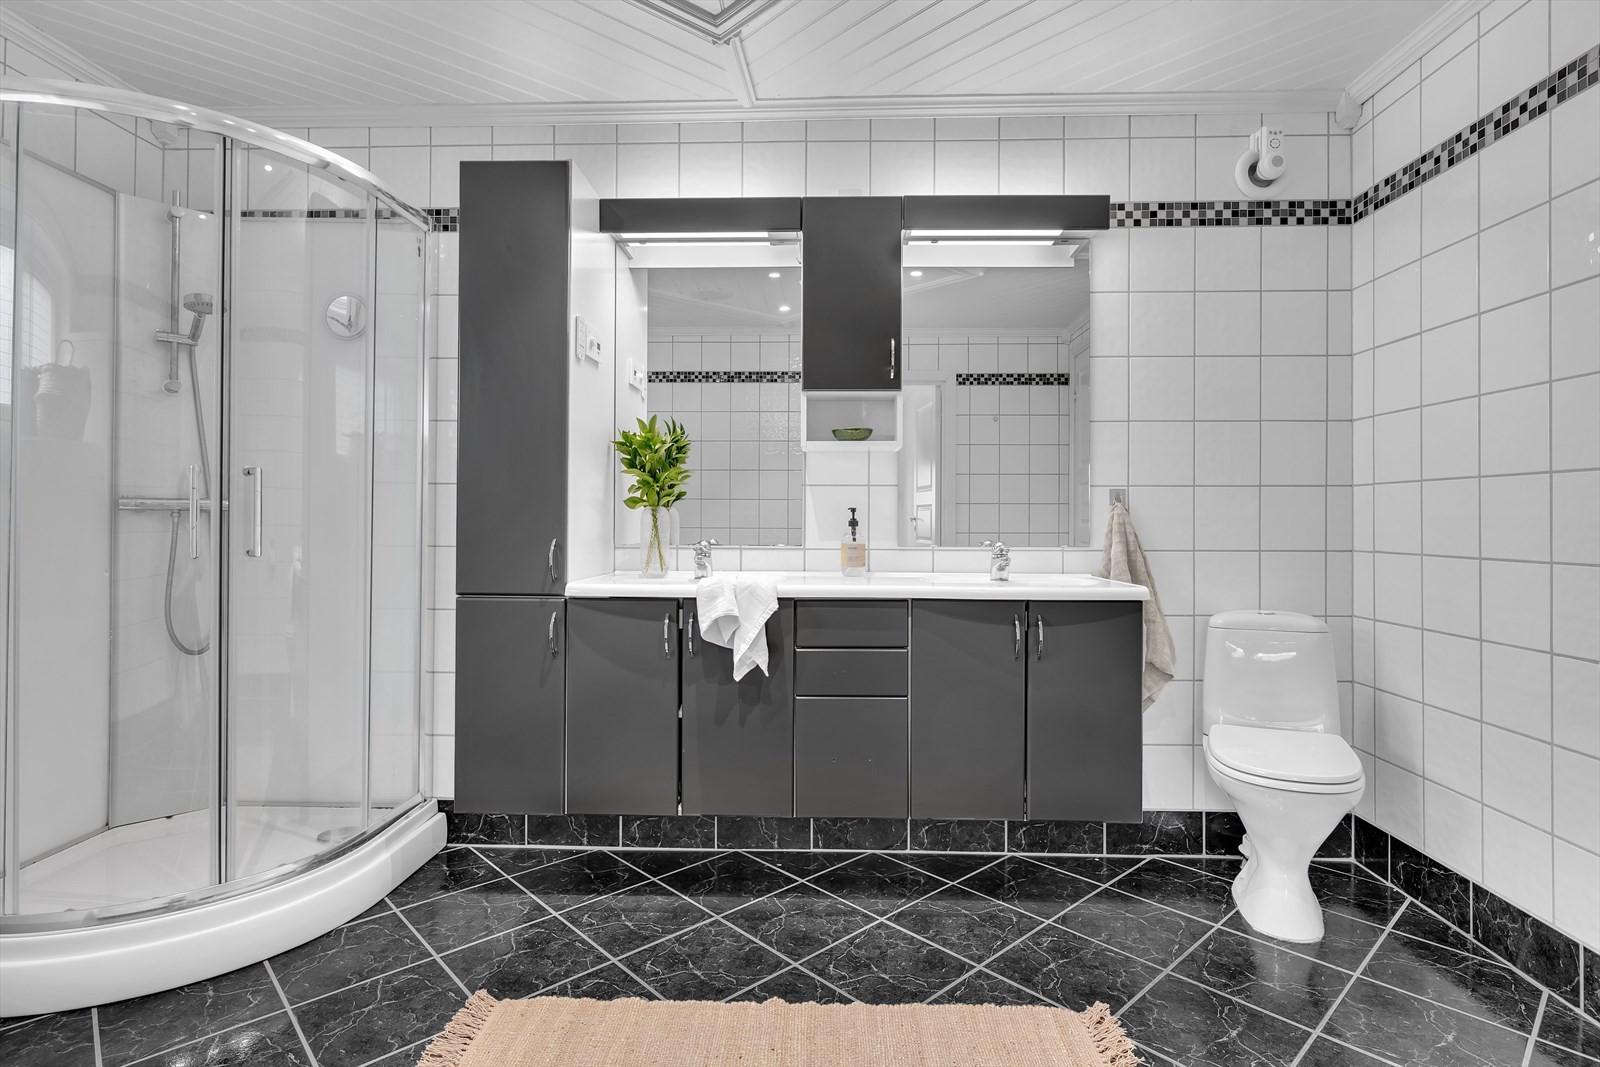 Romslig, komplett flislagt badrom.